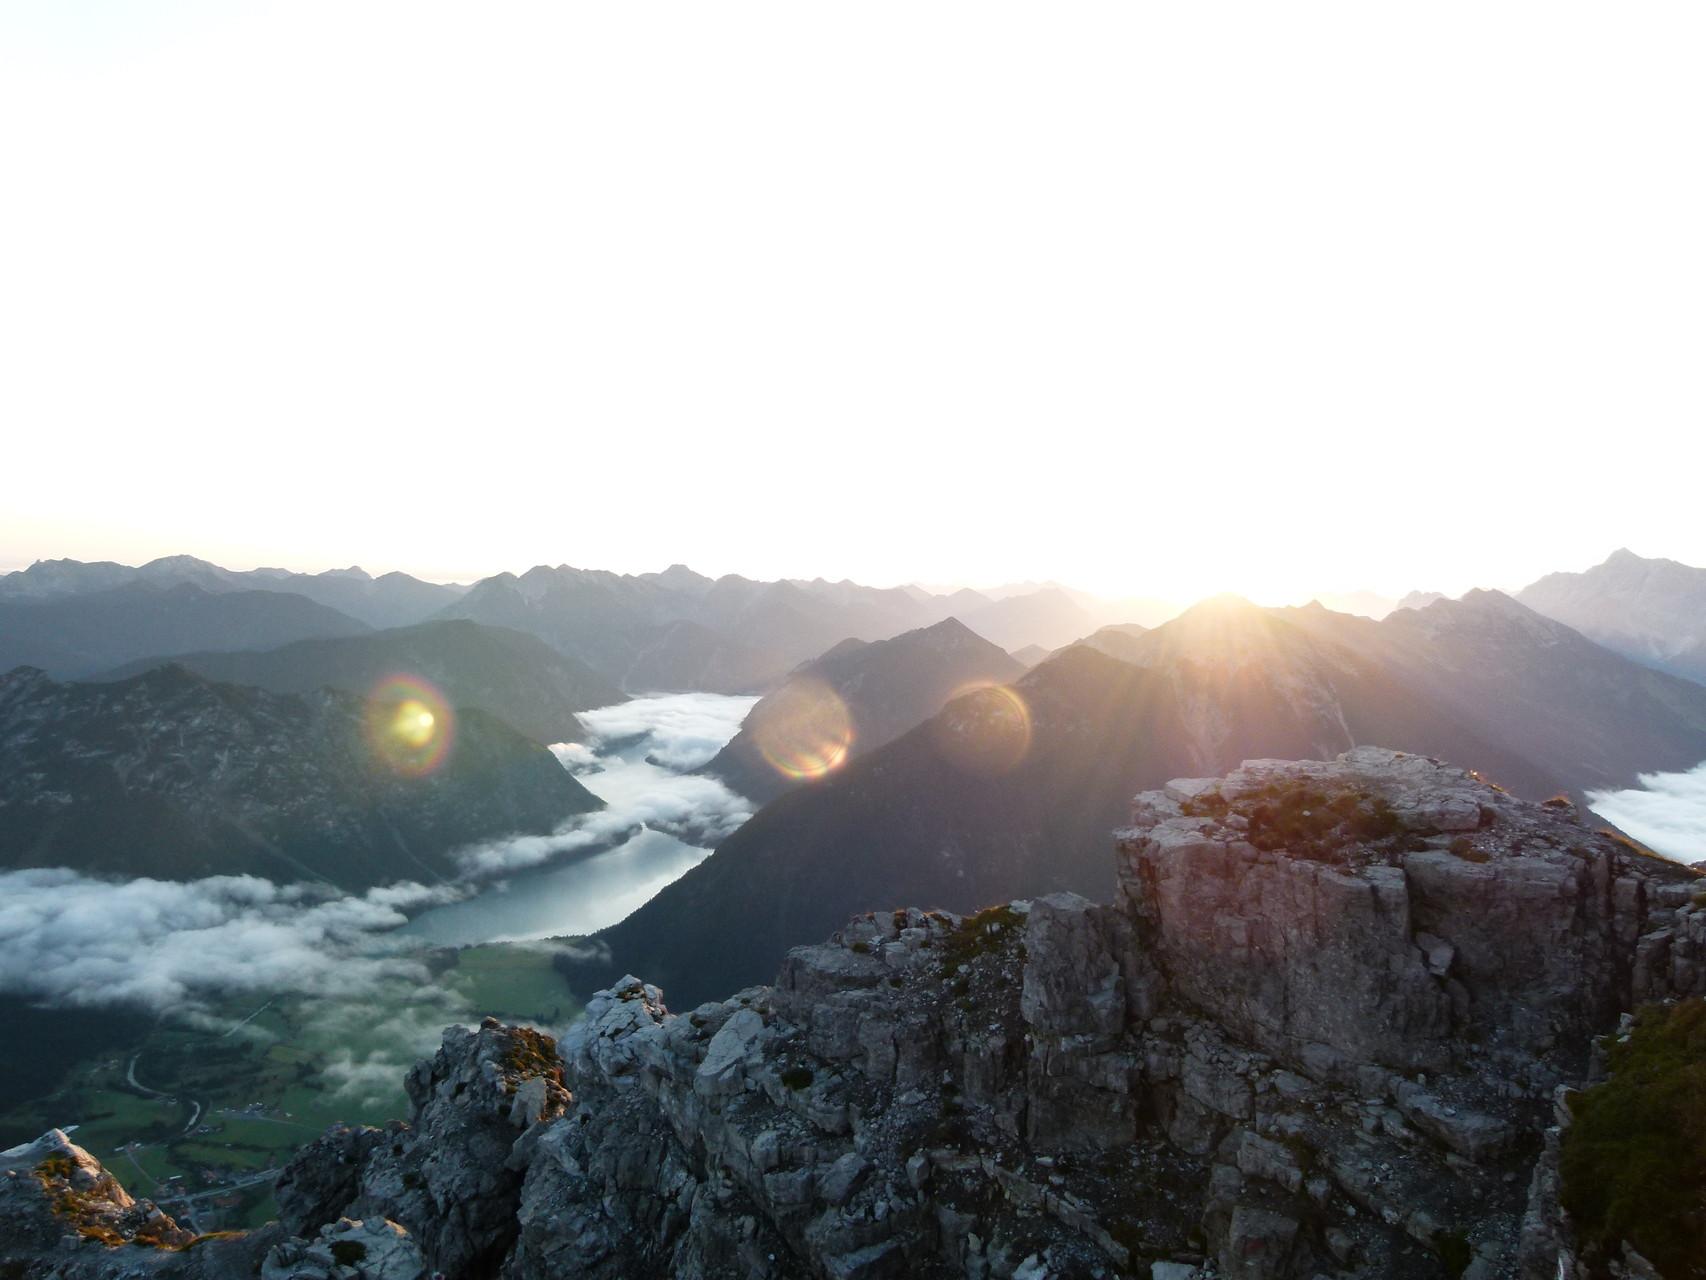 Der Heiterwanger See, zwischen dem Tauern und dem Kohlberg